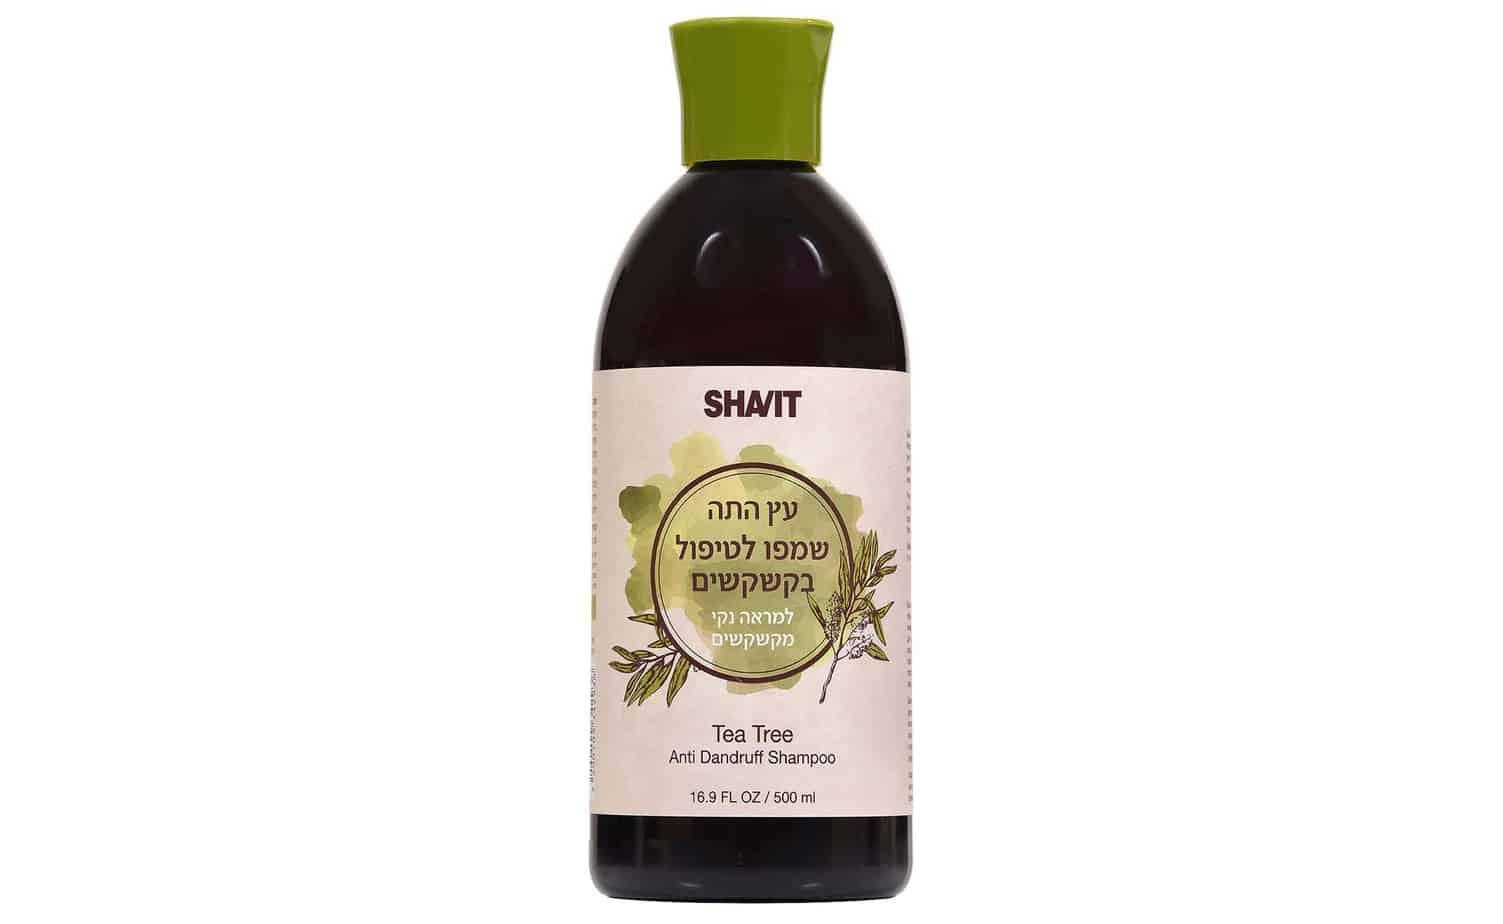 SHAVIT שמפו עץ התה מחיר 57.50 שח ל500 מל צילום אפרת אשל